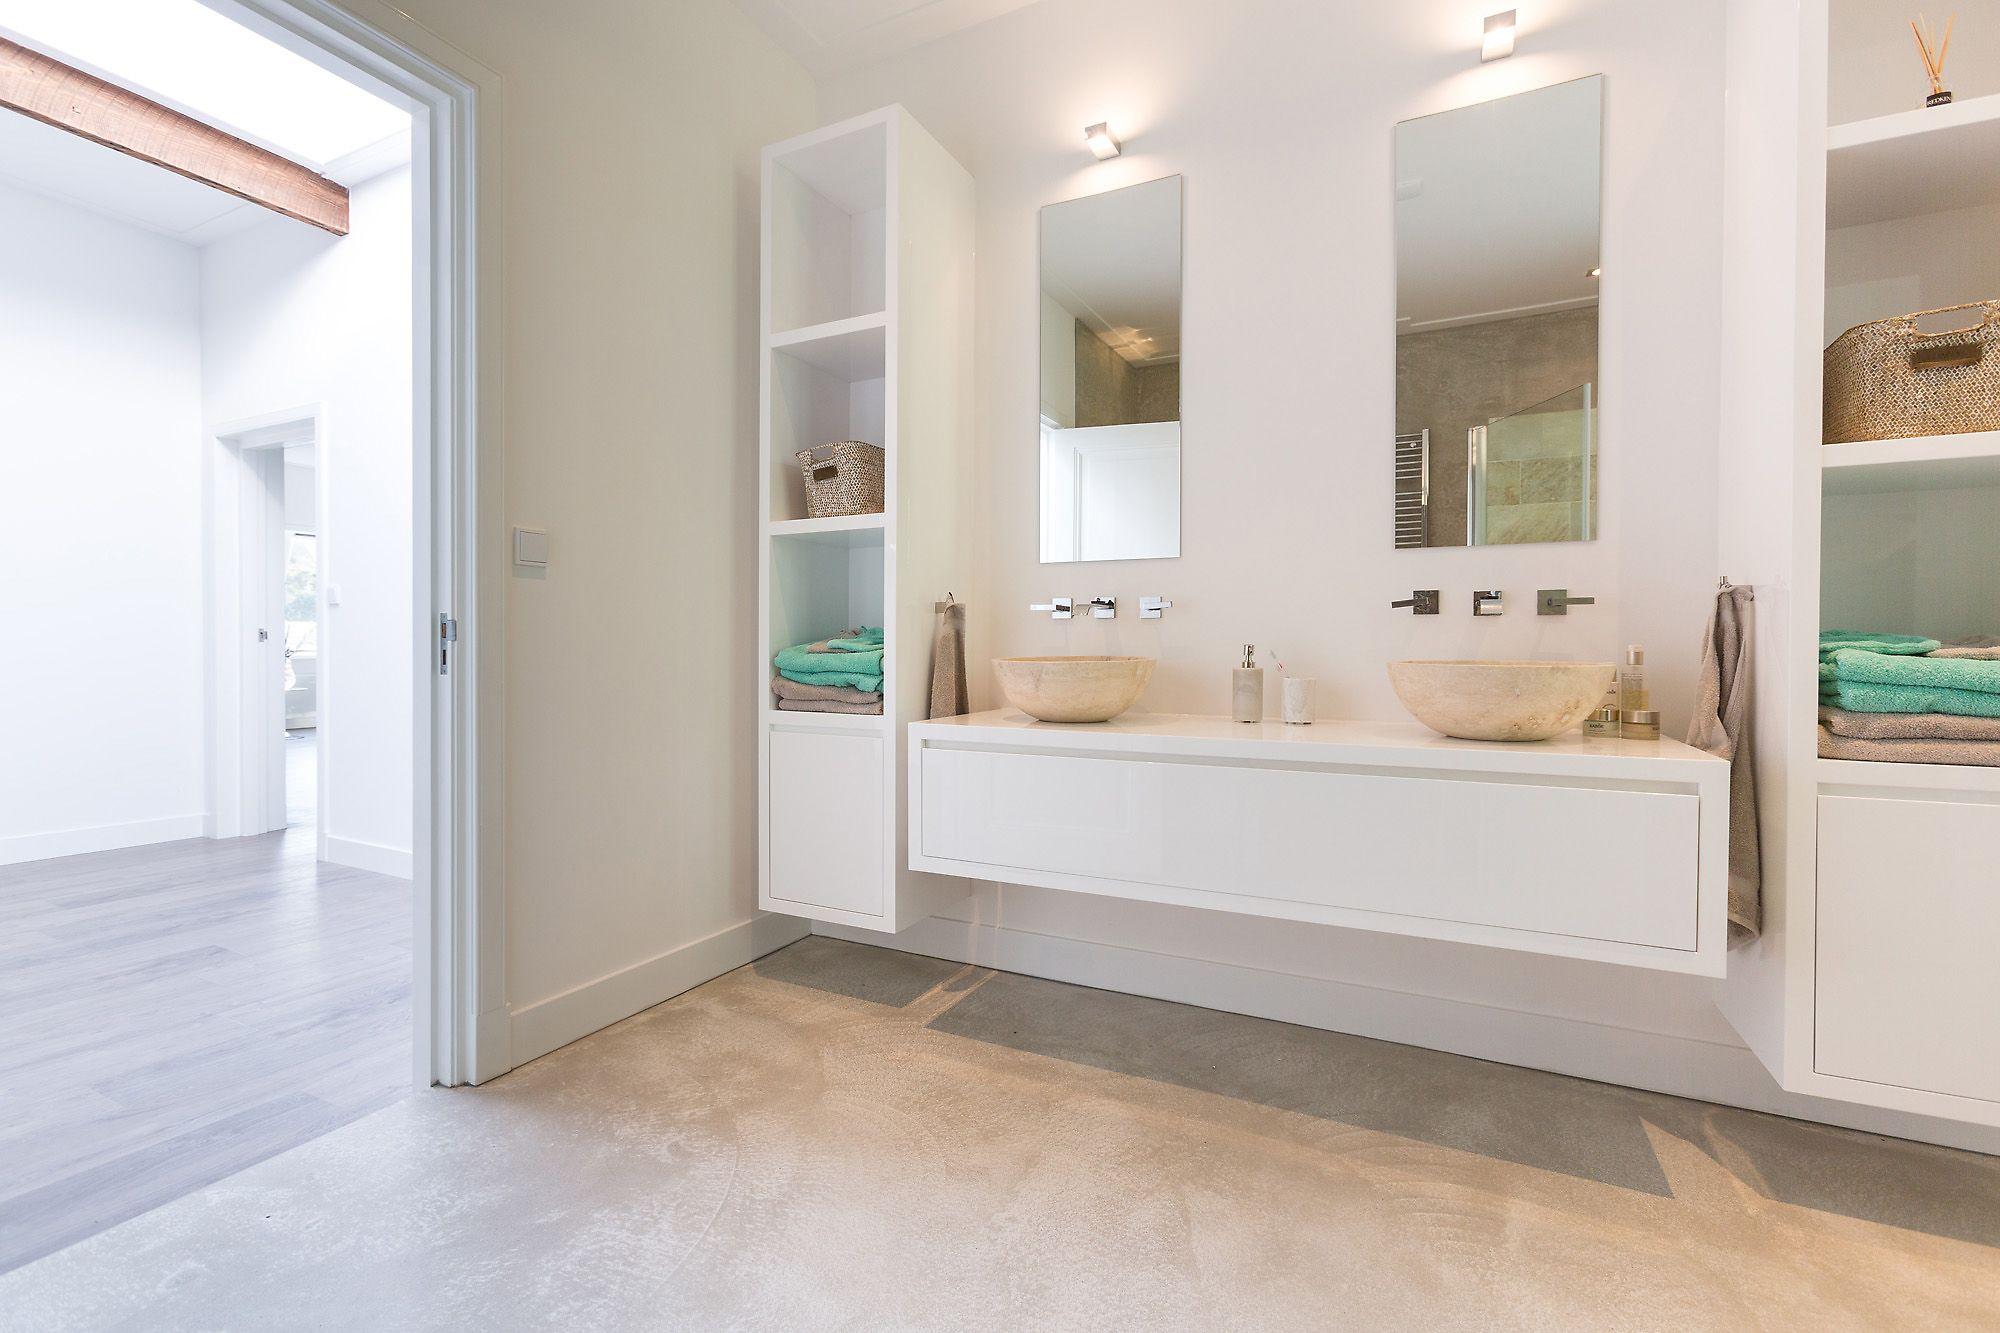 Lichte betonvloer badkamer gerealiseerd door interieurbeton.com